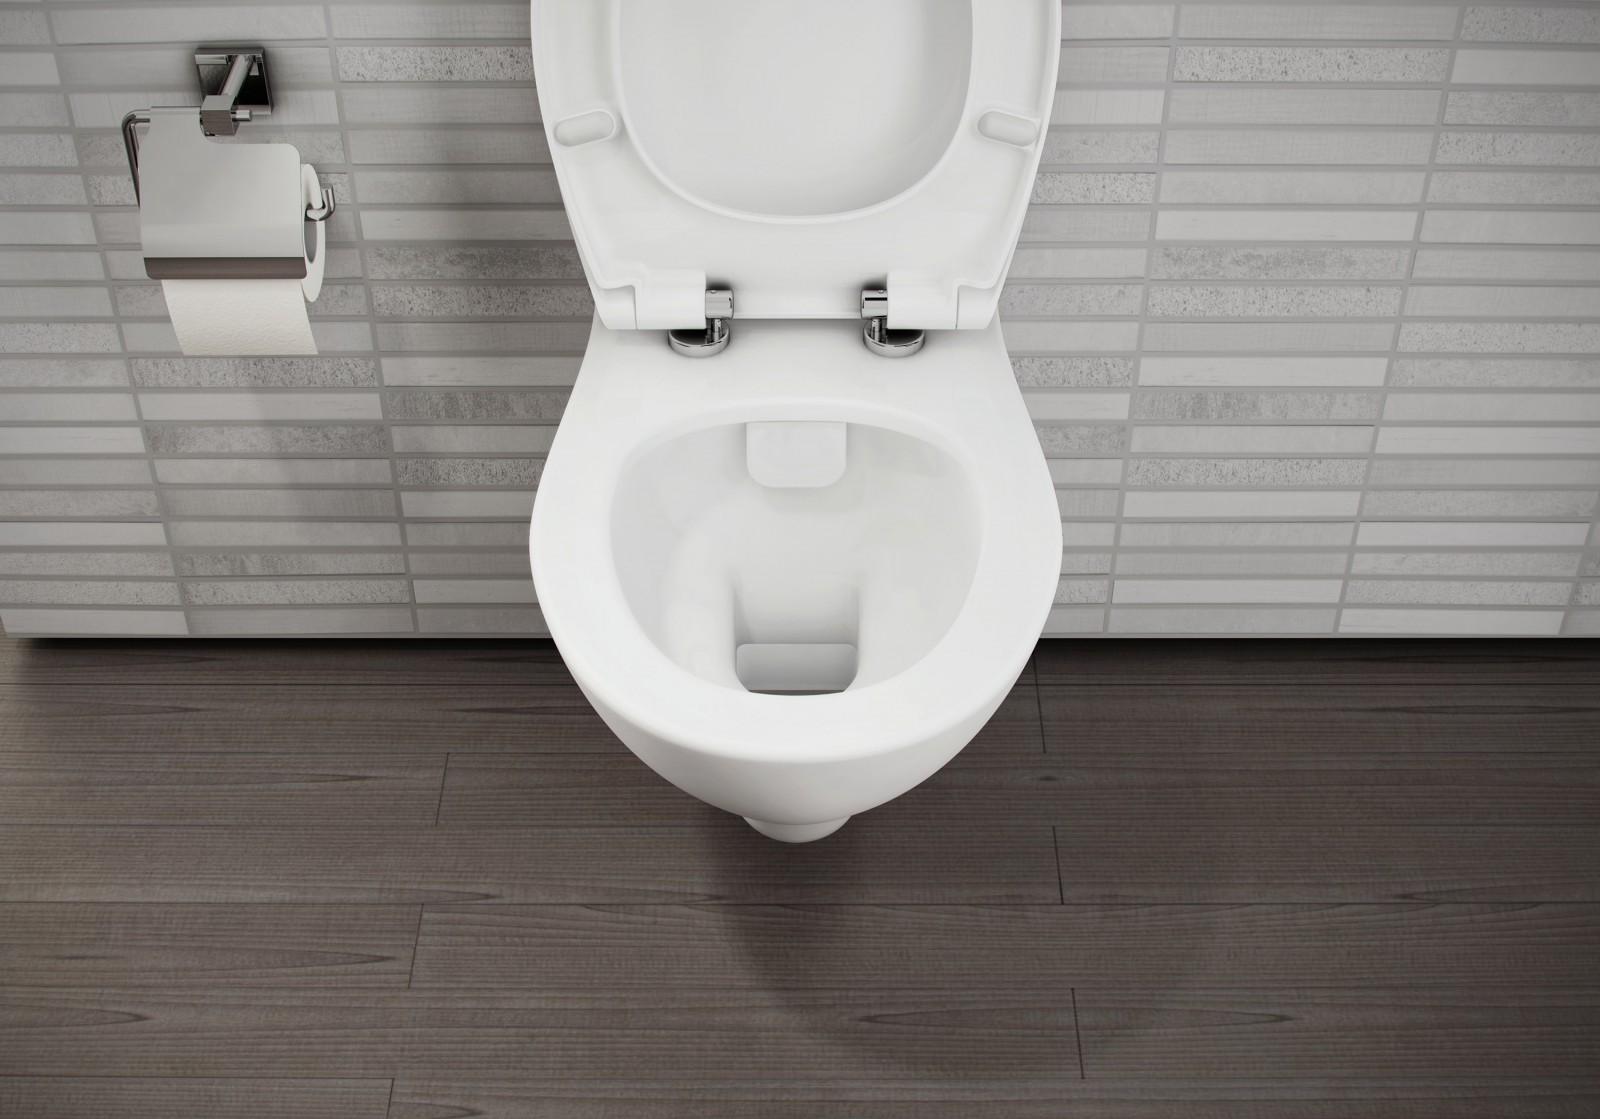 vt 5741bx03 0075 mb. Black Bedroom Furniture Sets. Home Design Ideas